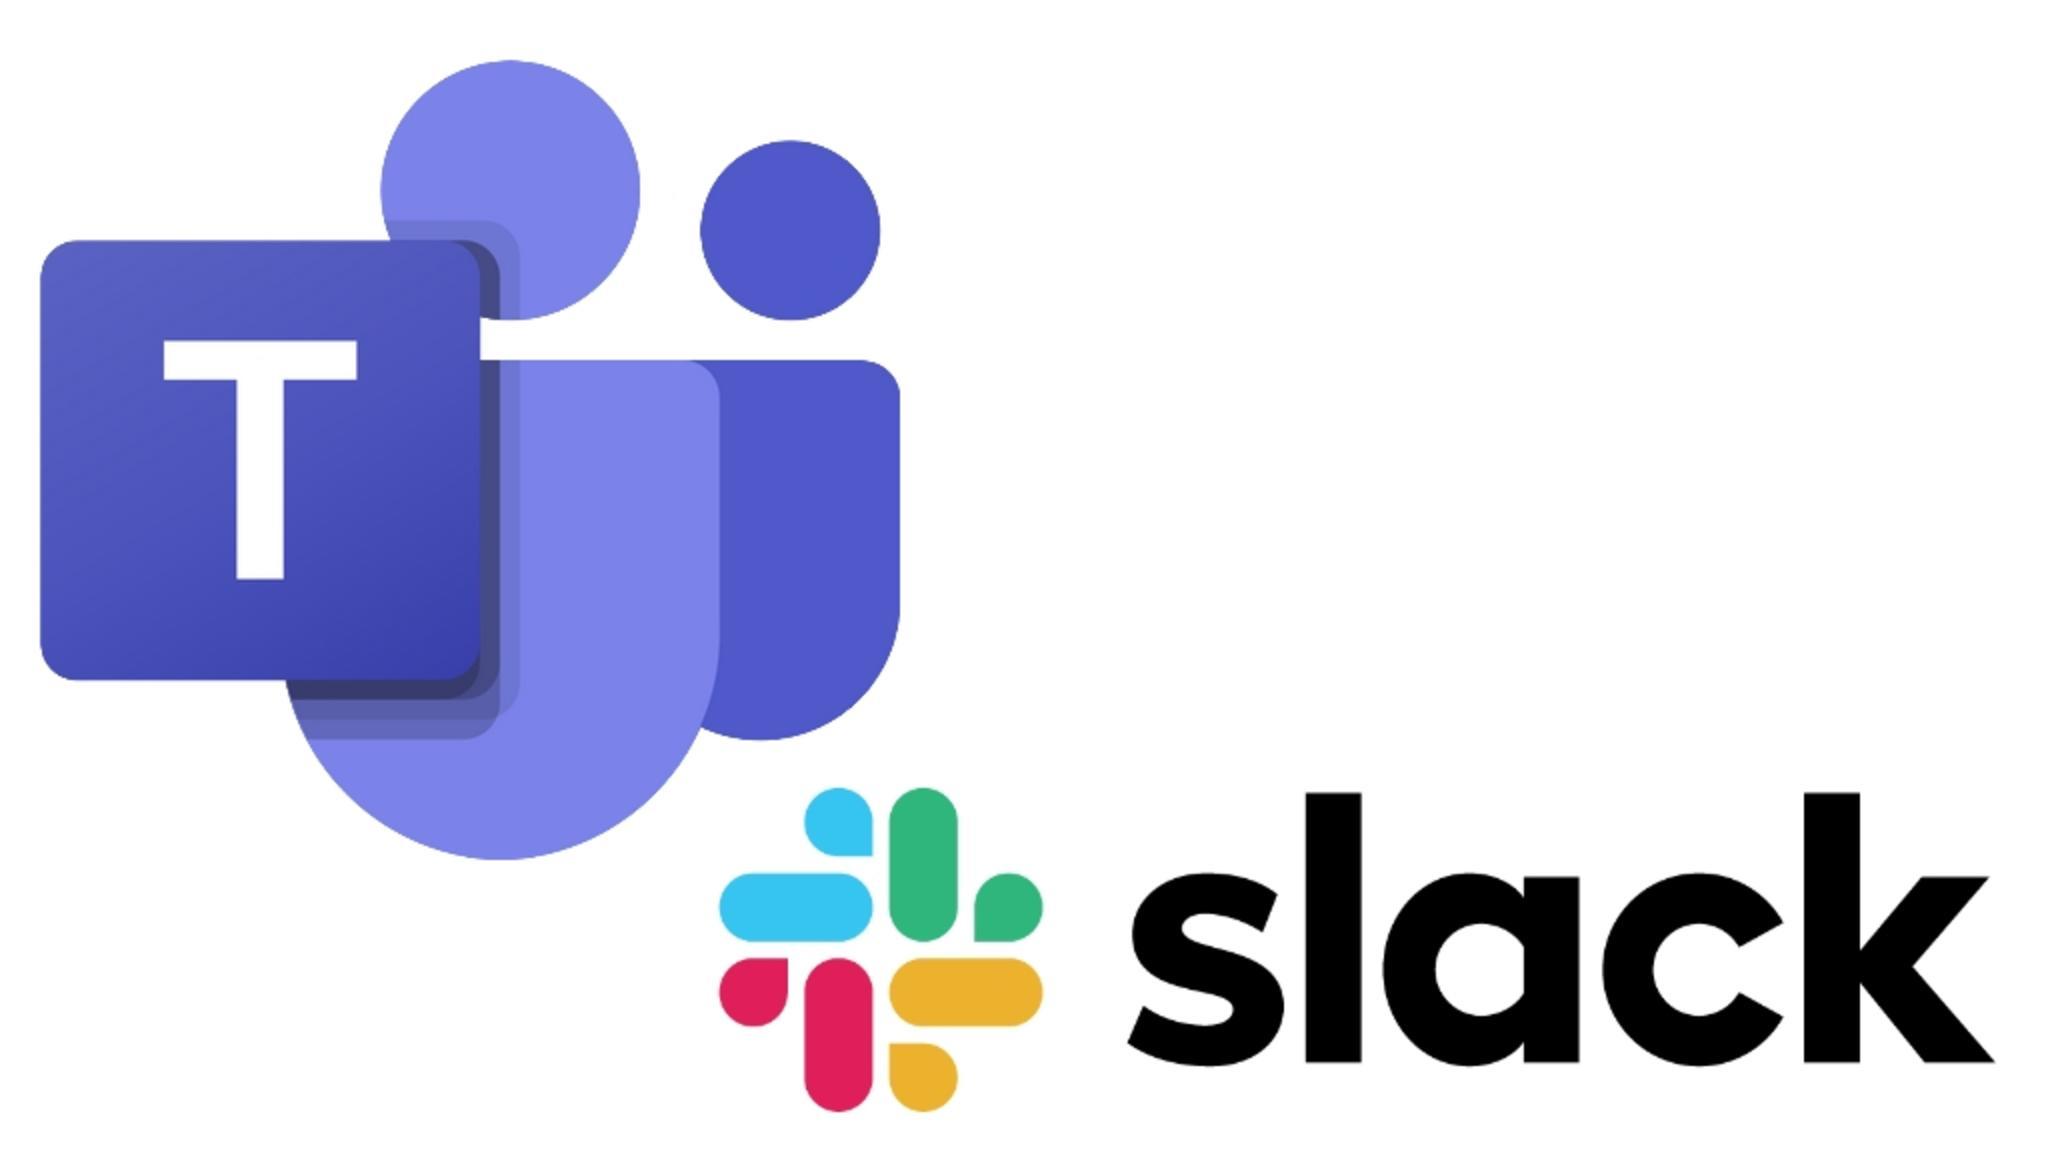 Slack und Teams wollen ihre Zusammenarbeit verstärken.